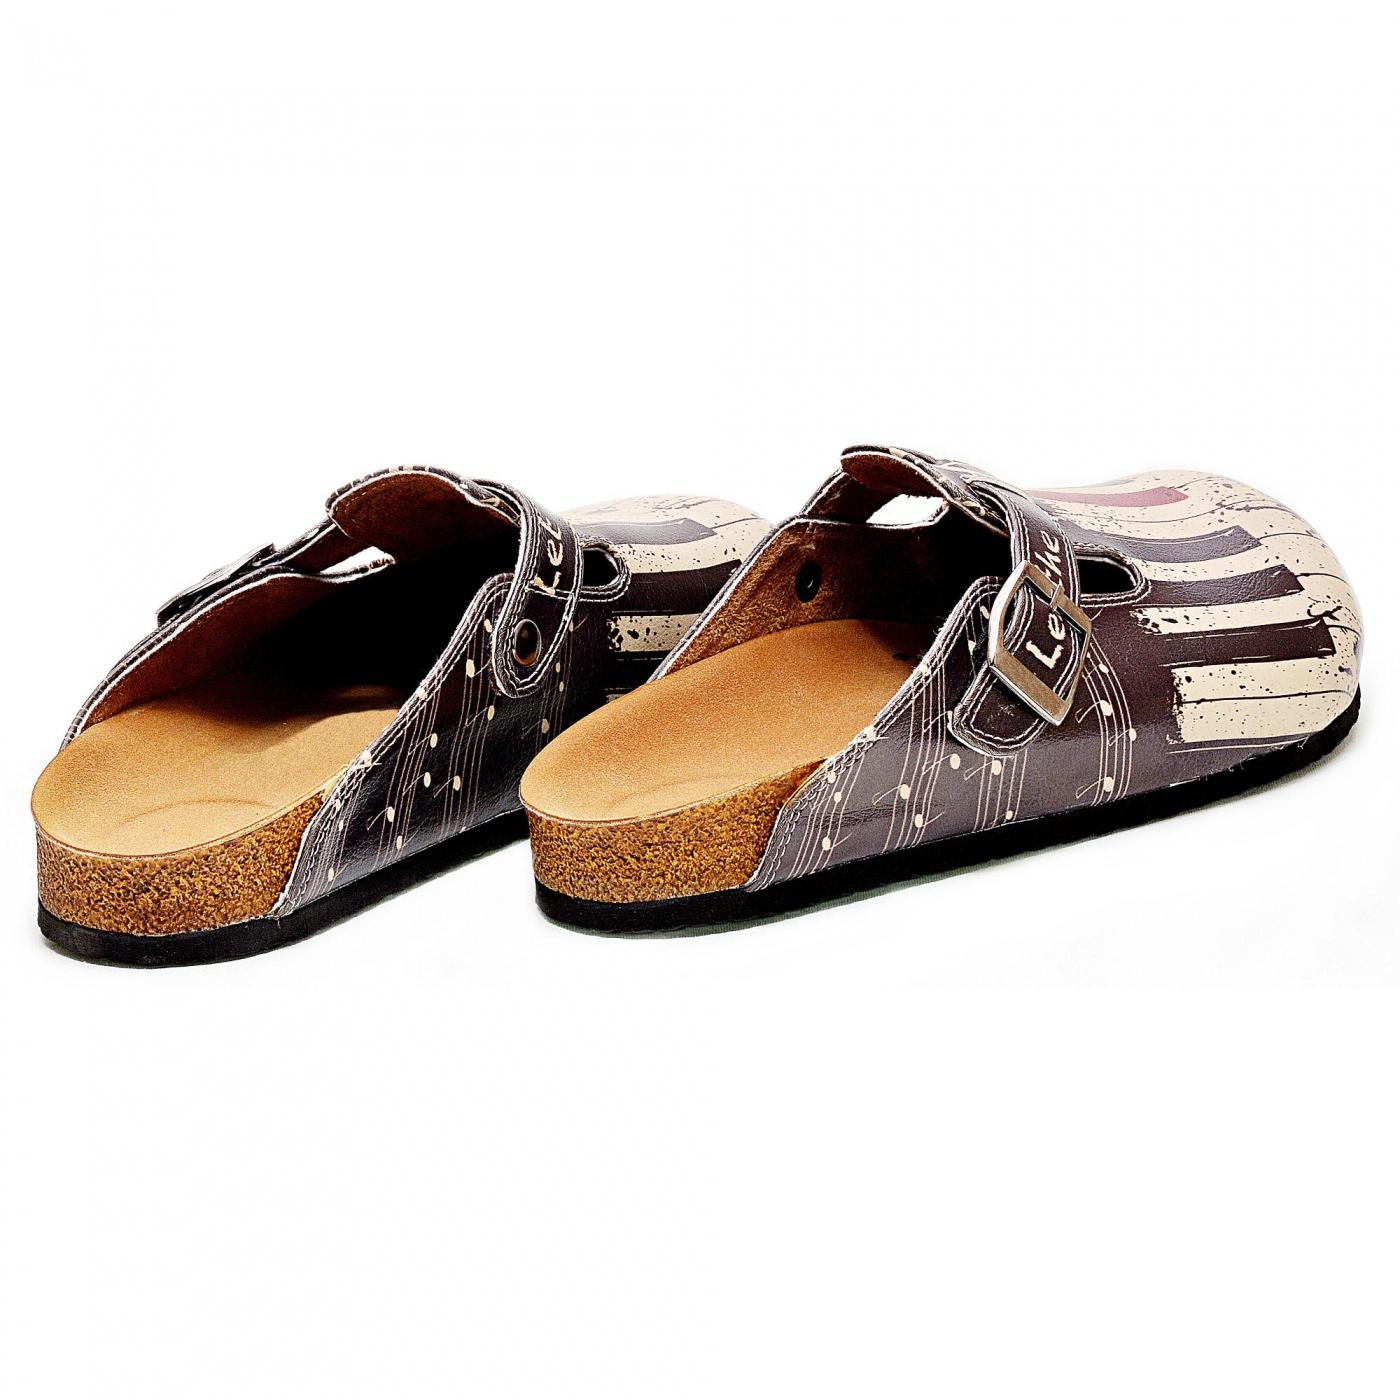 Dámské pantofle Damian 35